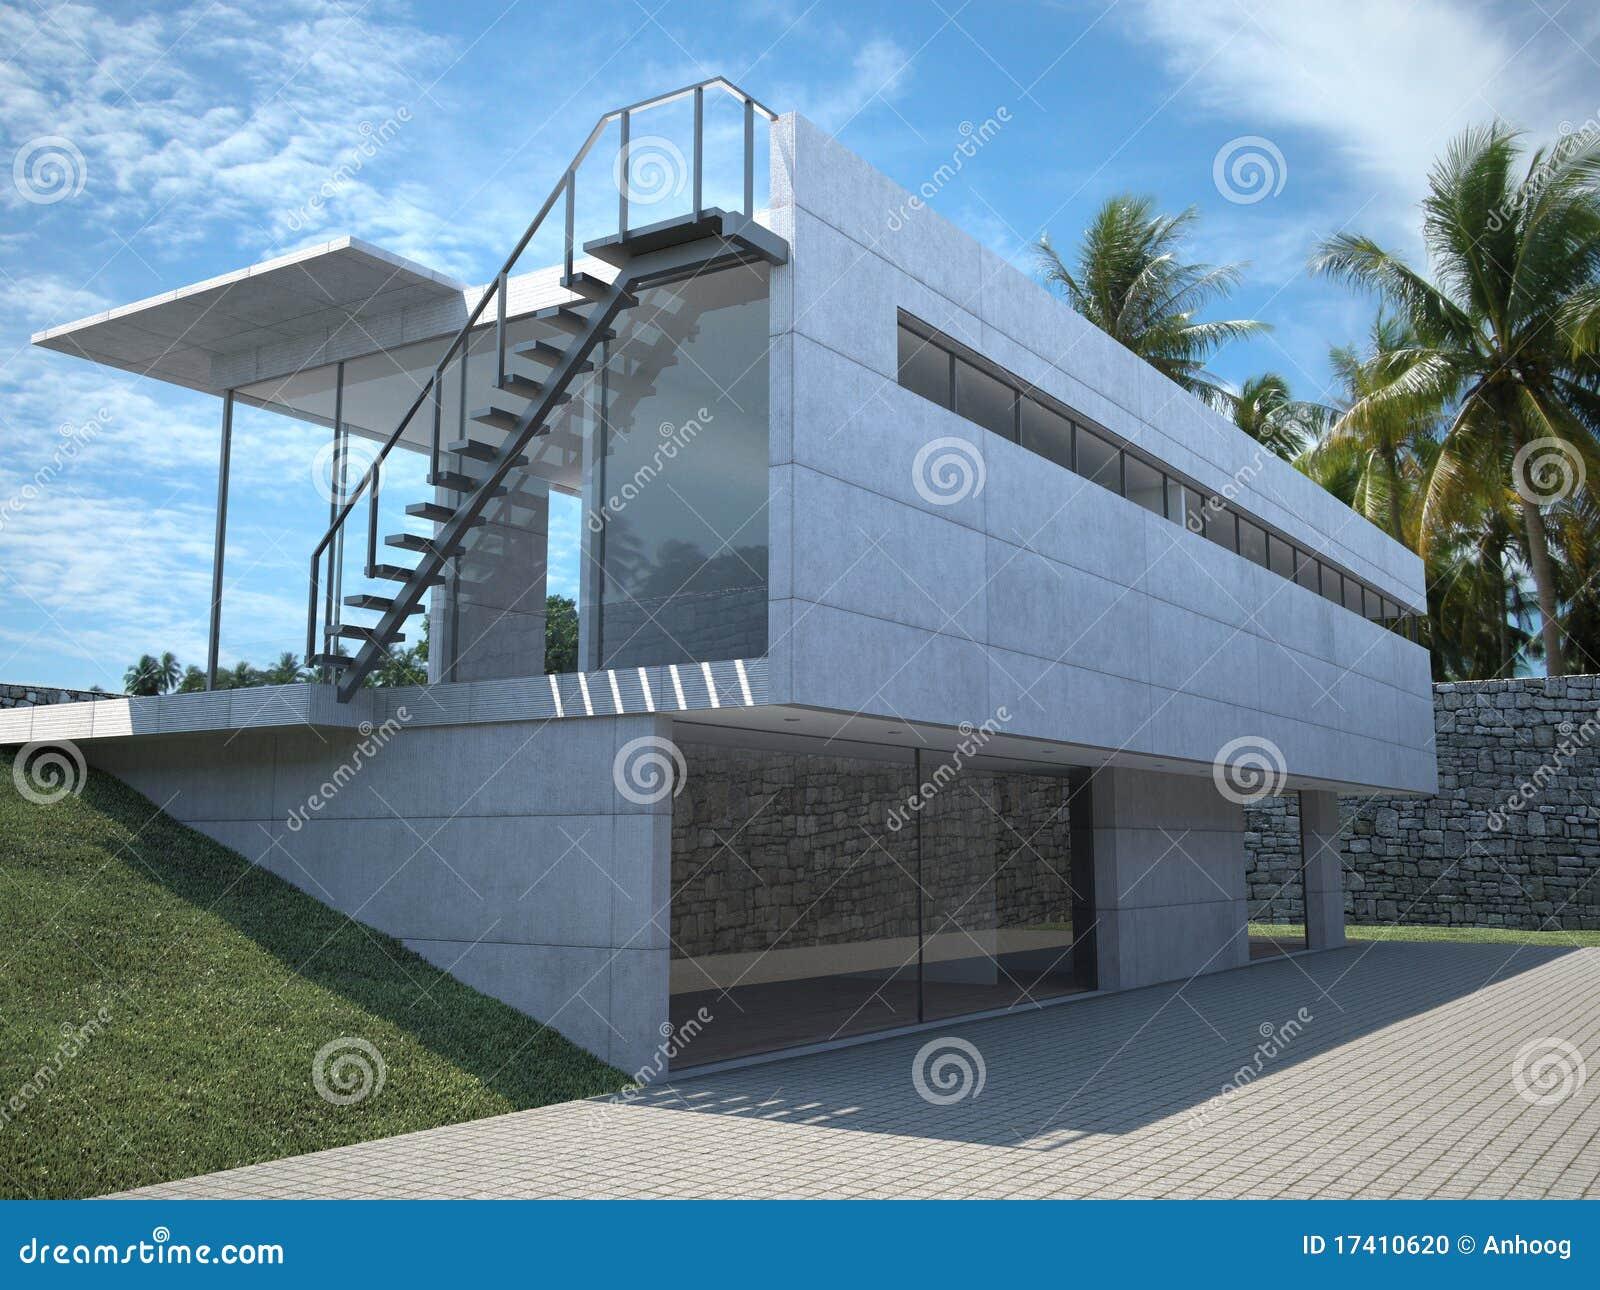 Modernes Haus - Äußeres Mit Palmen Stock Abbildung - Illustration ...